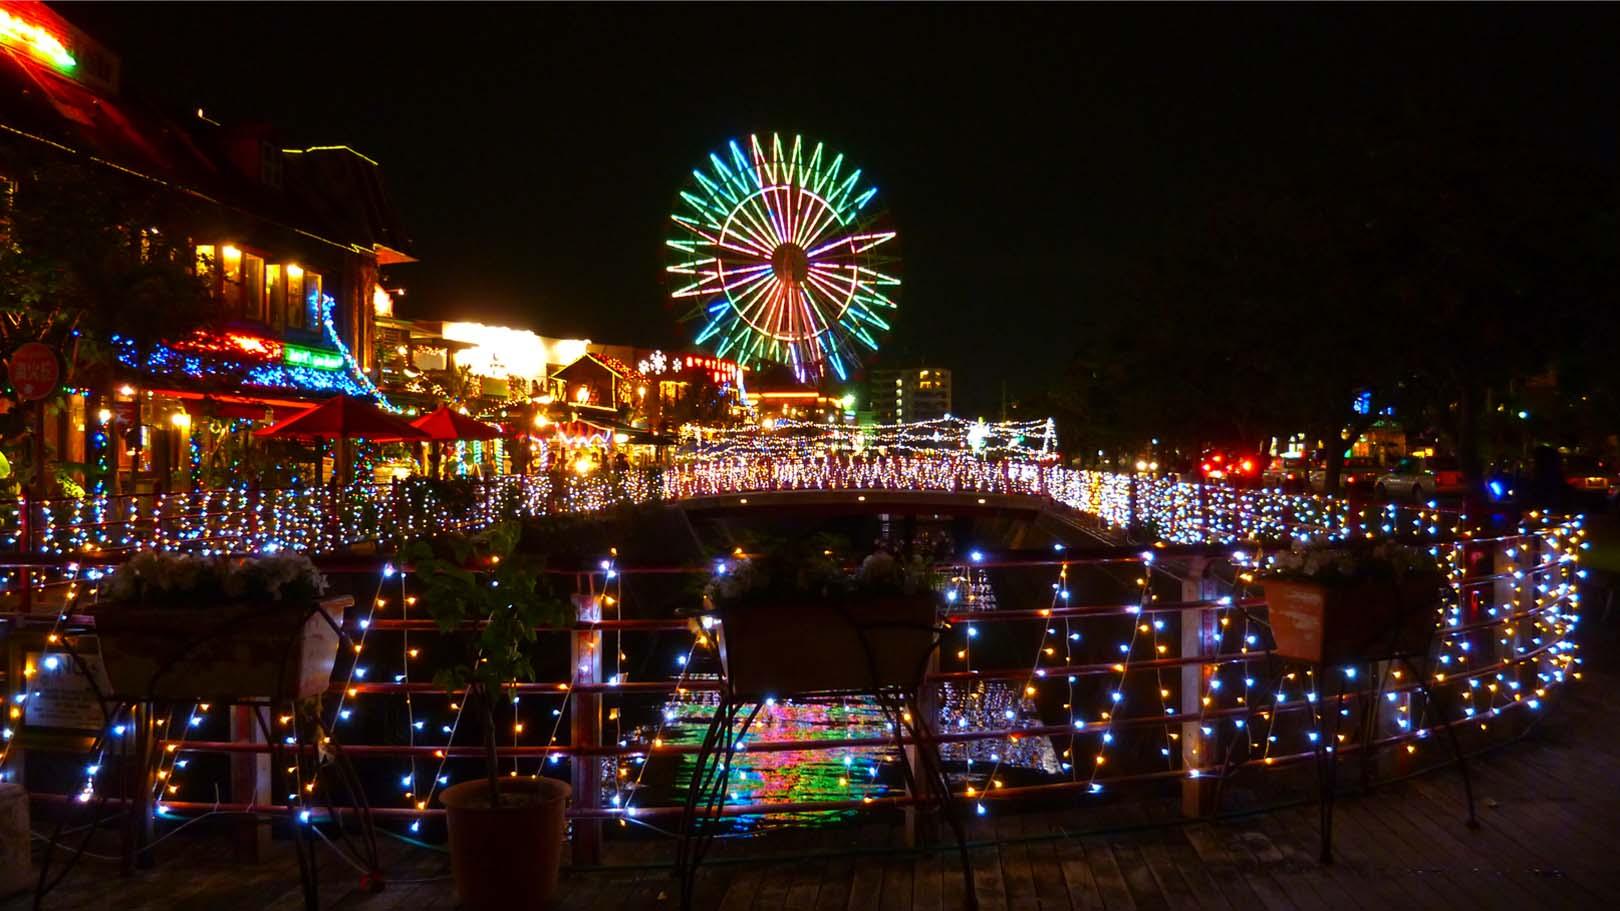 沖縄北谷町観光のおすすめスポット!絶対に行くべき場所をご紹介!